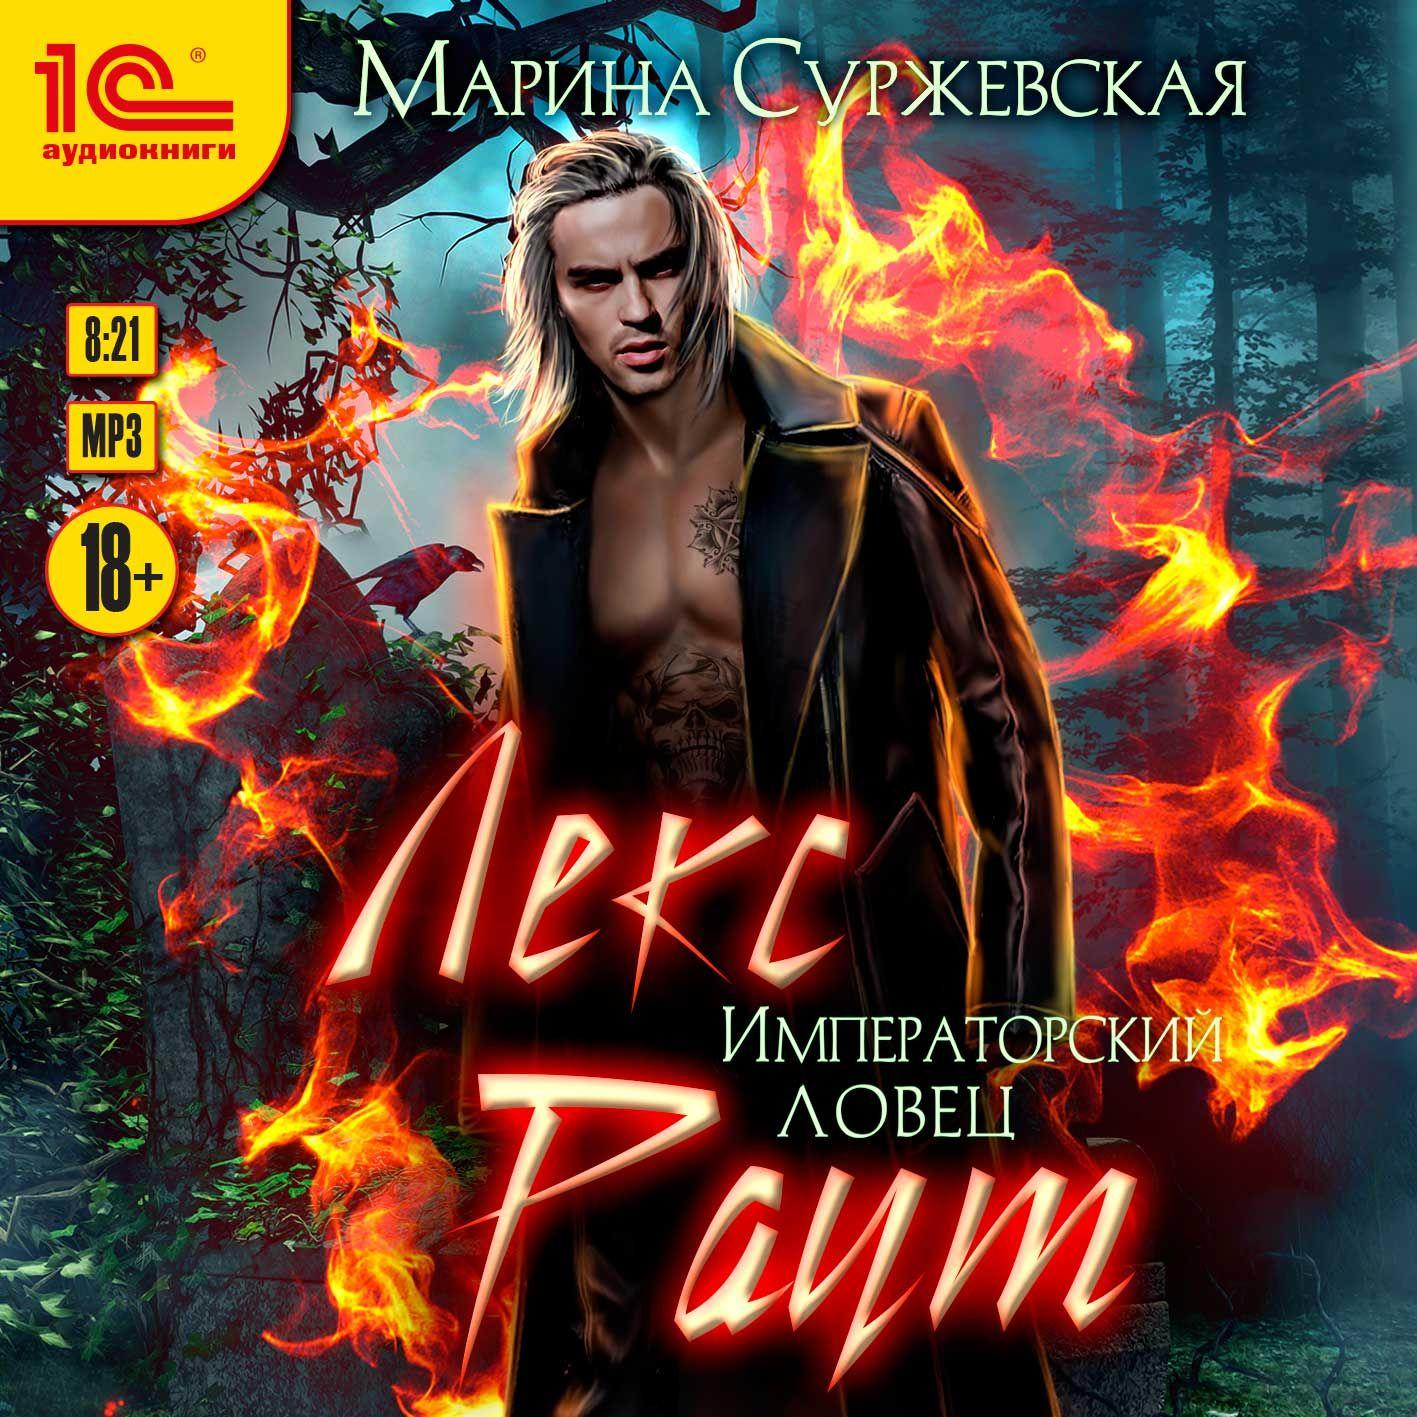 Купить книгу Лекс Раут. Императорский ловец, автора Марины Суржевской